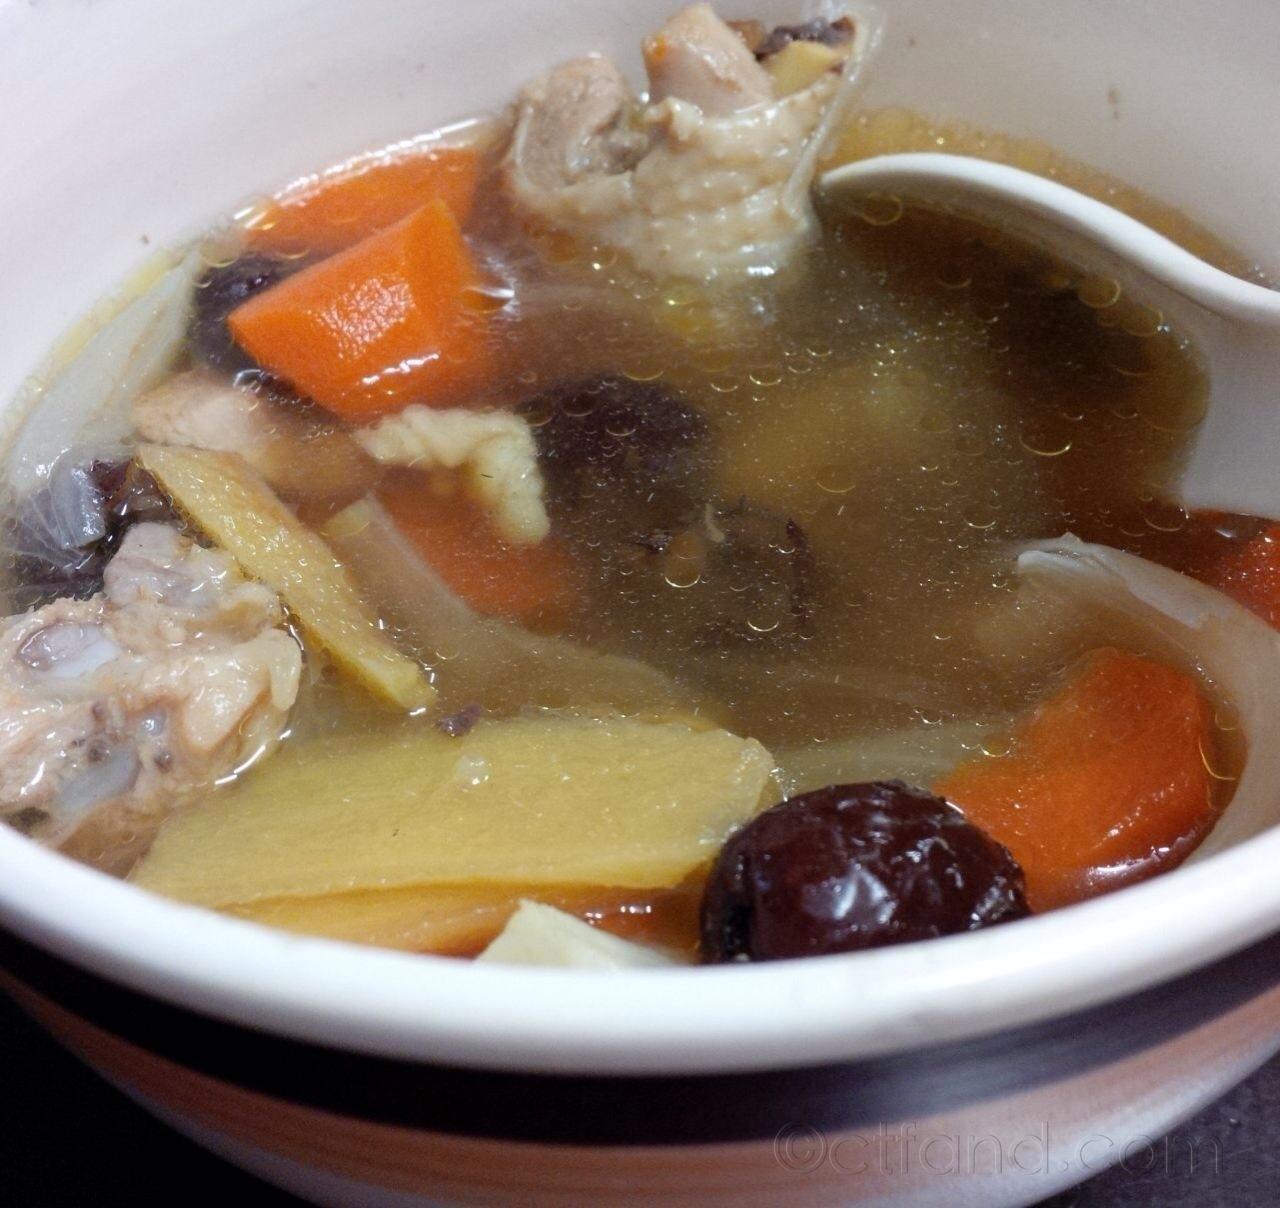 Resepi Mudah Sup Ayam Dengan Kurma Merah Ctfandcom